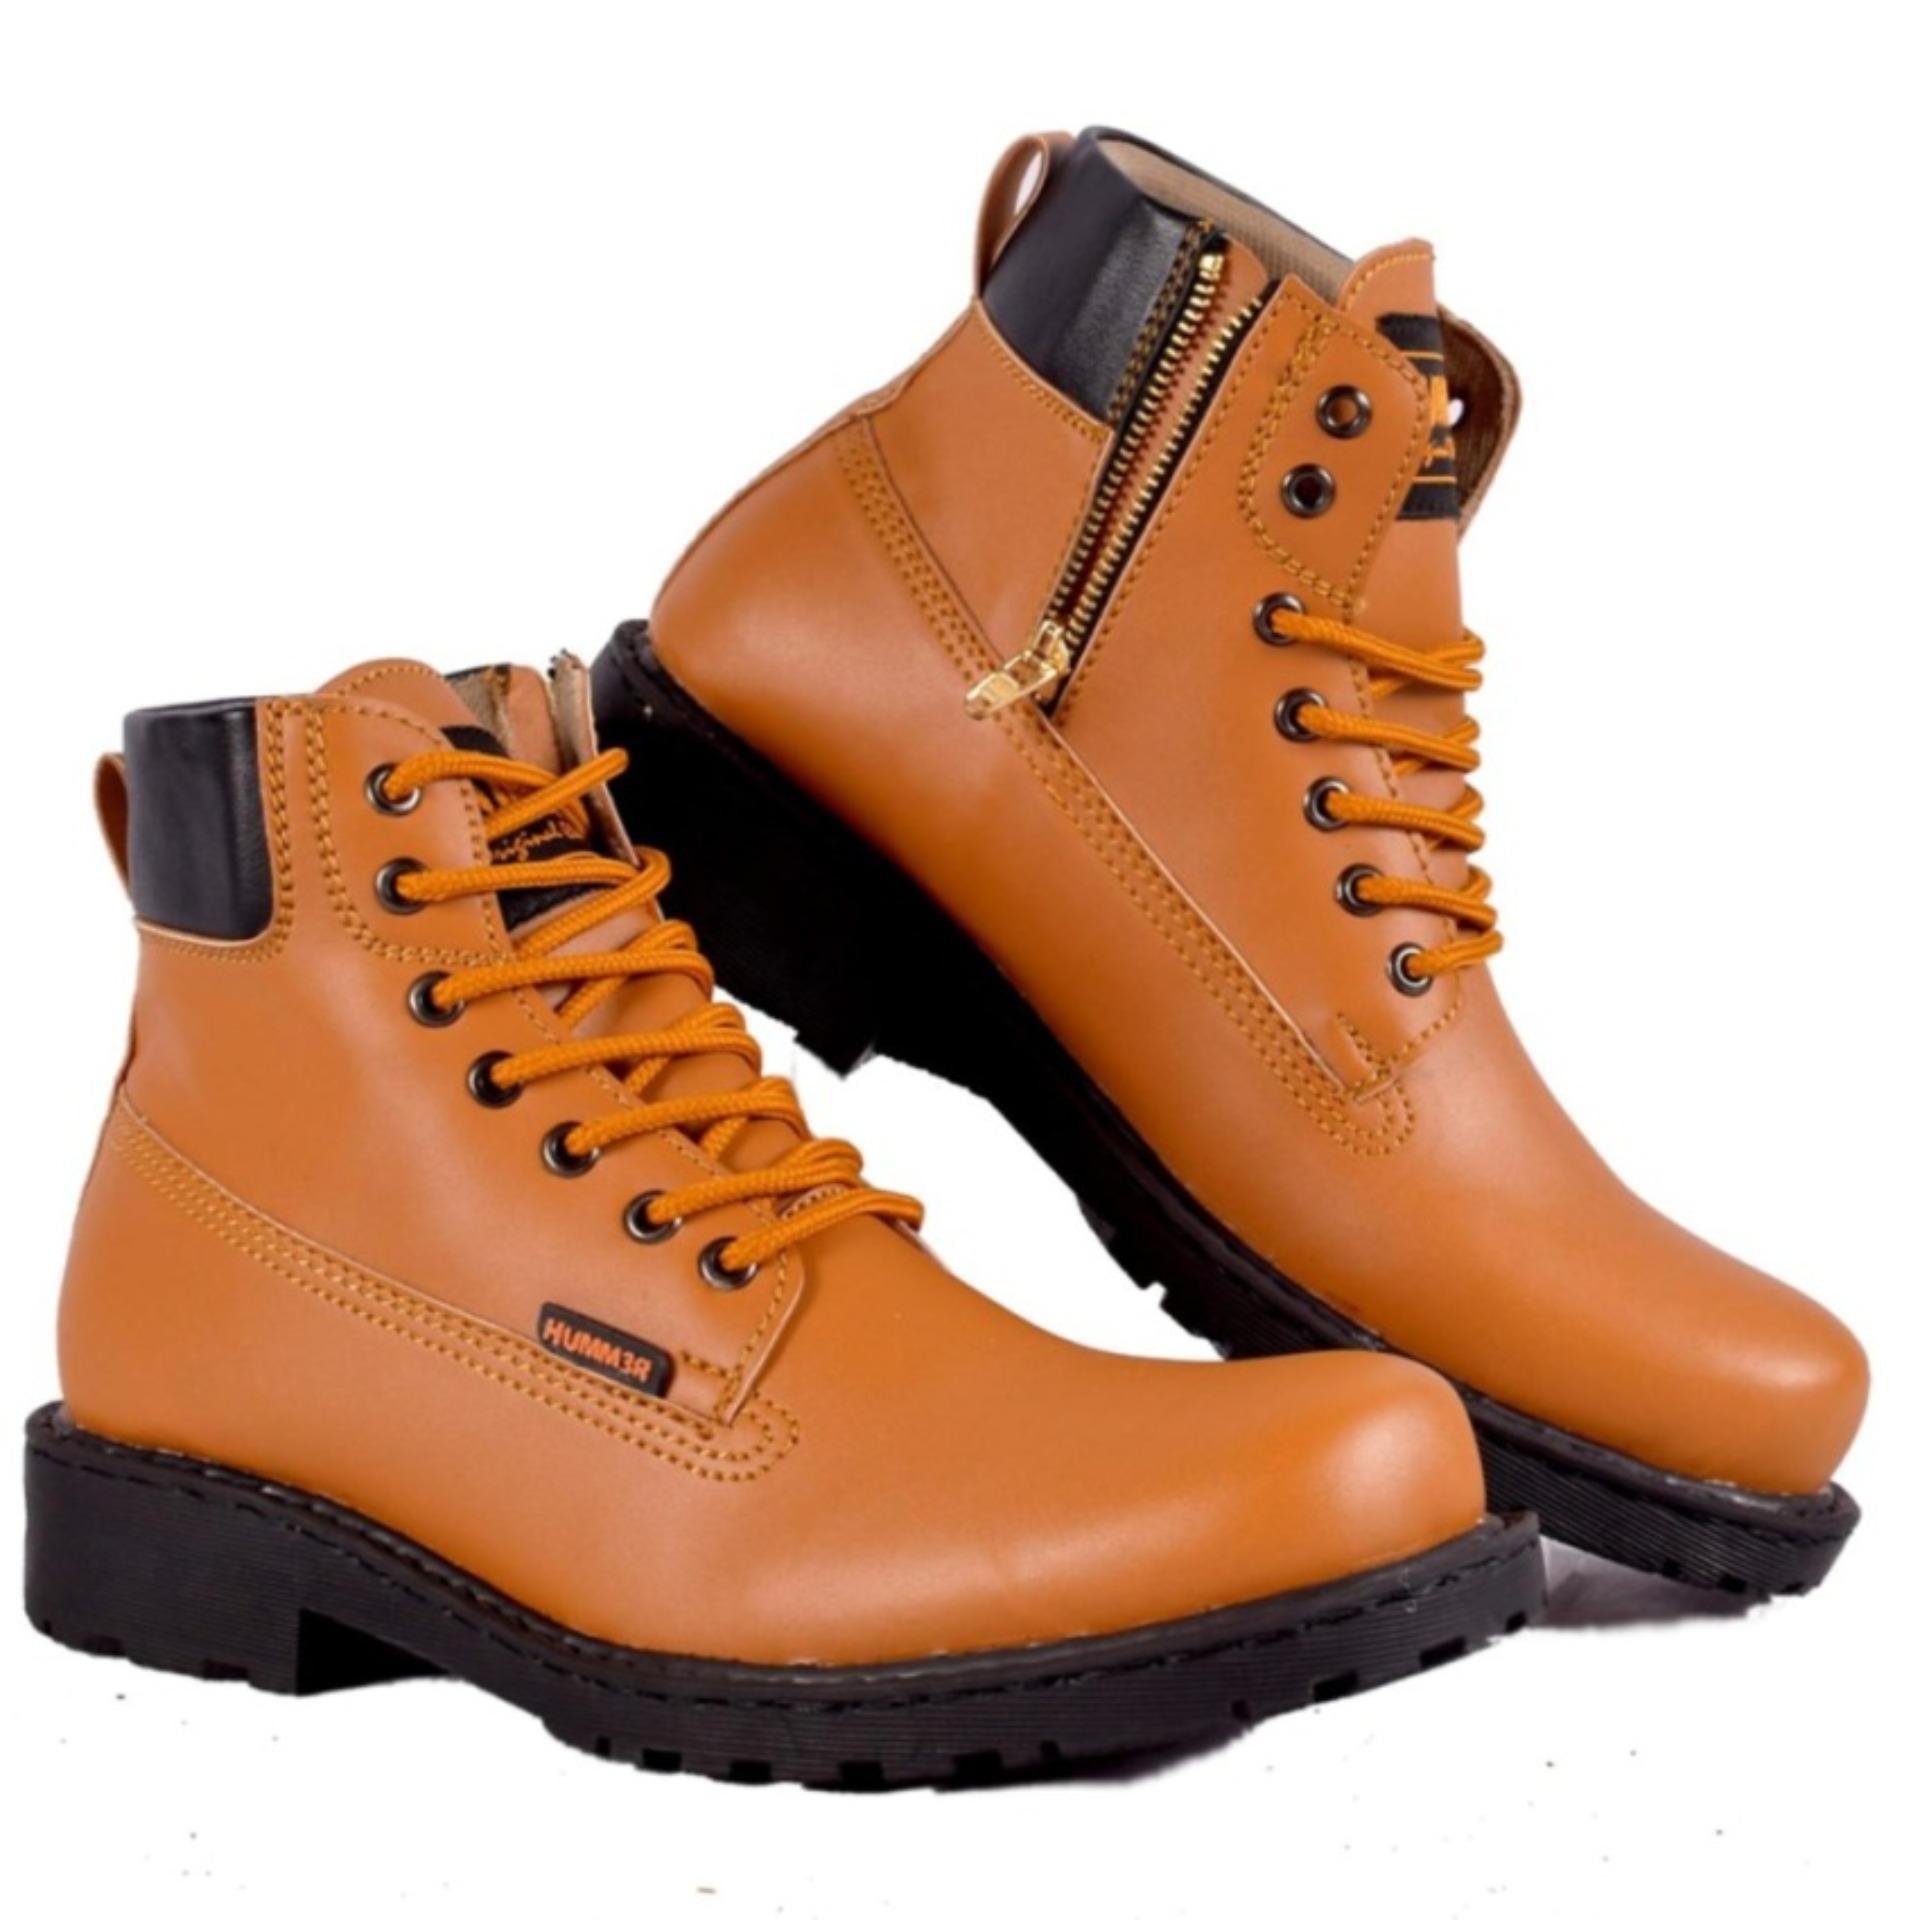 Ga Sepatu Boots Hummer Golem Brown Daftar Harga Terlengkap Indonesia Ter Humm3r Underground